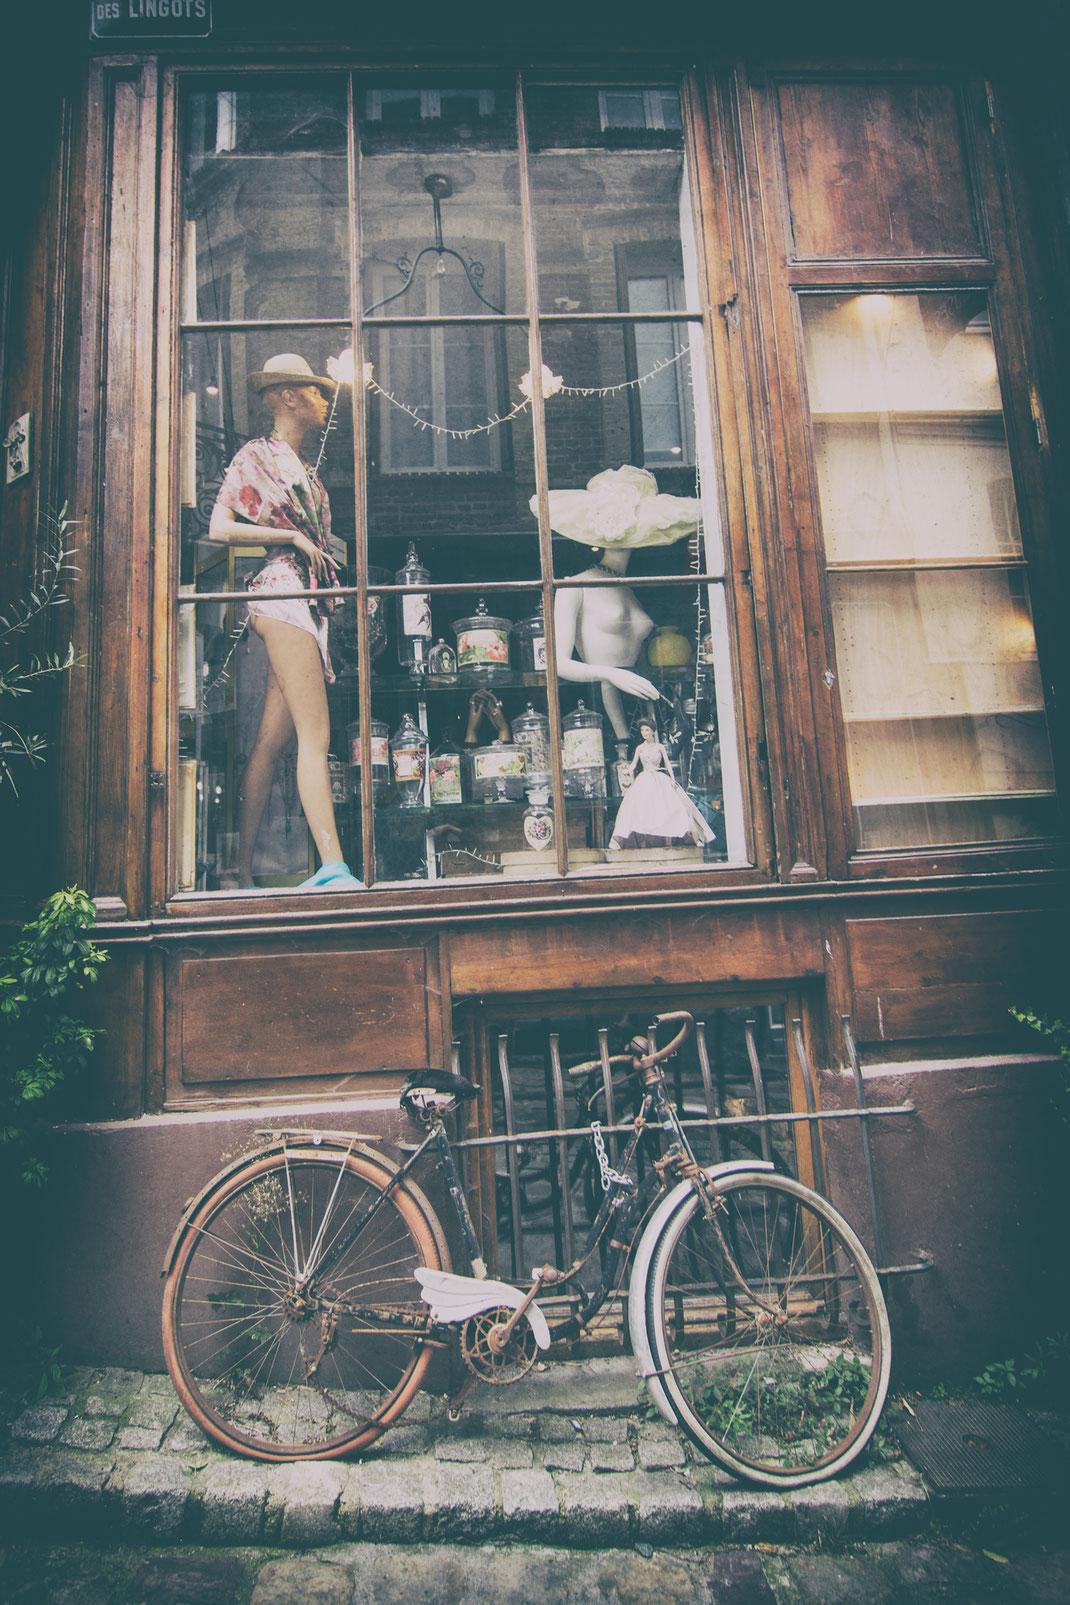 Ein Fahrrad lehnt vor einem Schaufenster eines Cafés in Honfleur im Calvados in der Normandie, Frankreich.